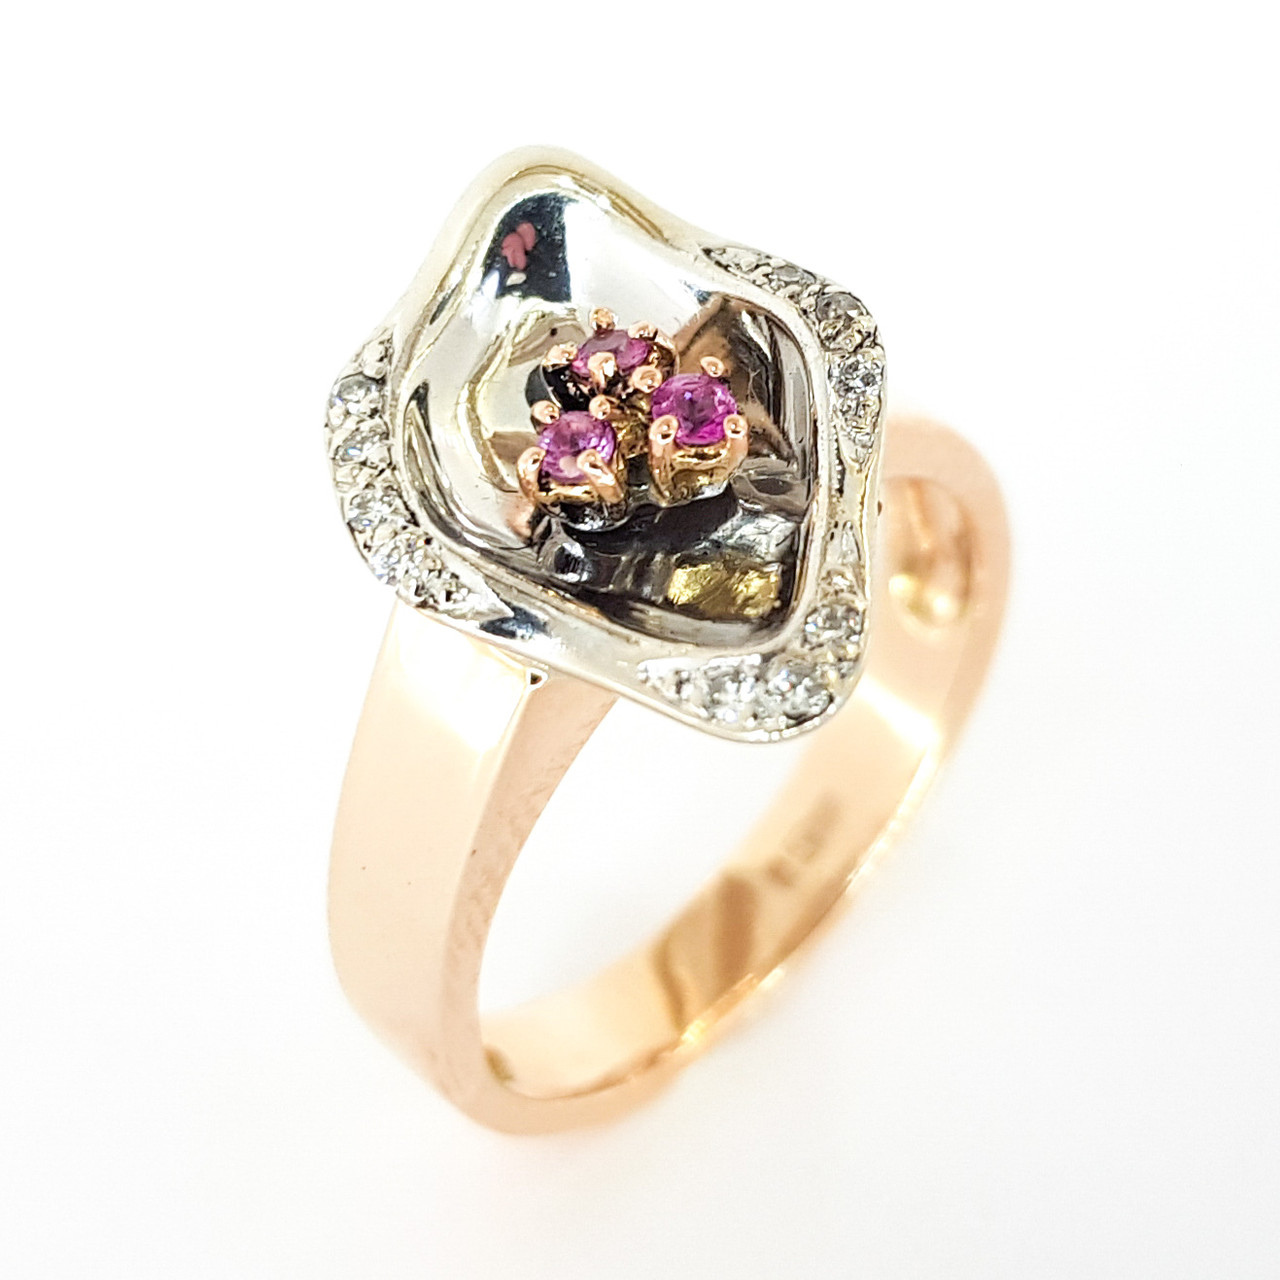 Золотое кольцо с бриллиантами и розовыми сапфирами